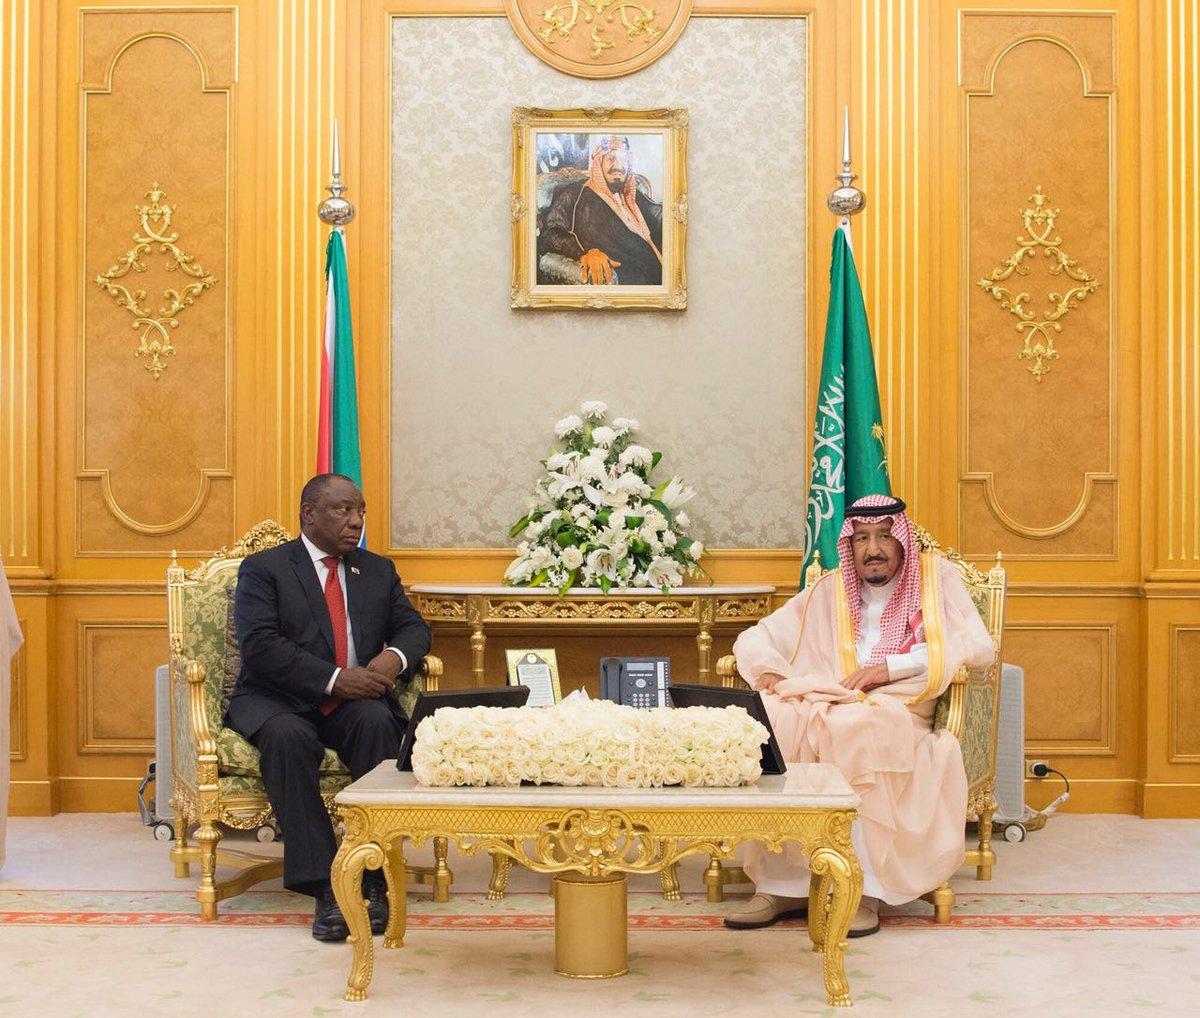 صدور بيان مشترك بين المملكة العربية السعودية وجمهورية جنوب أفريقيا